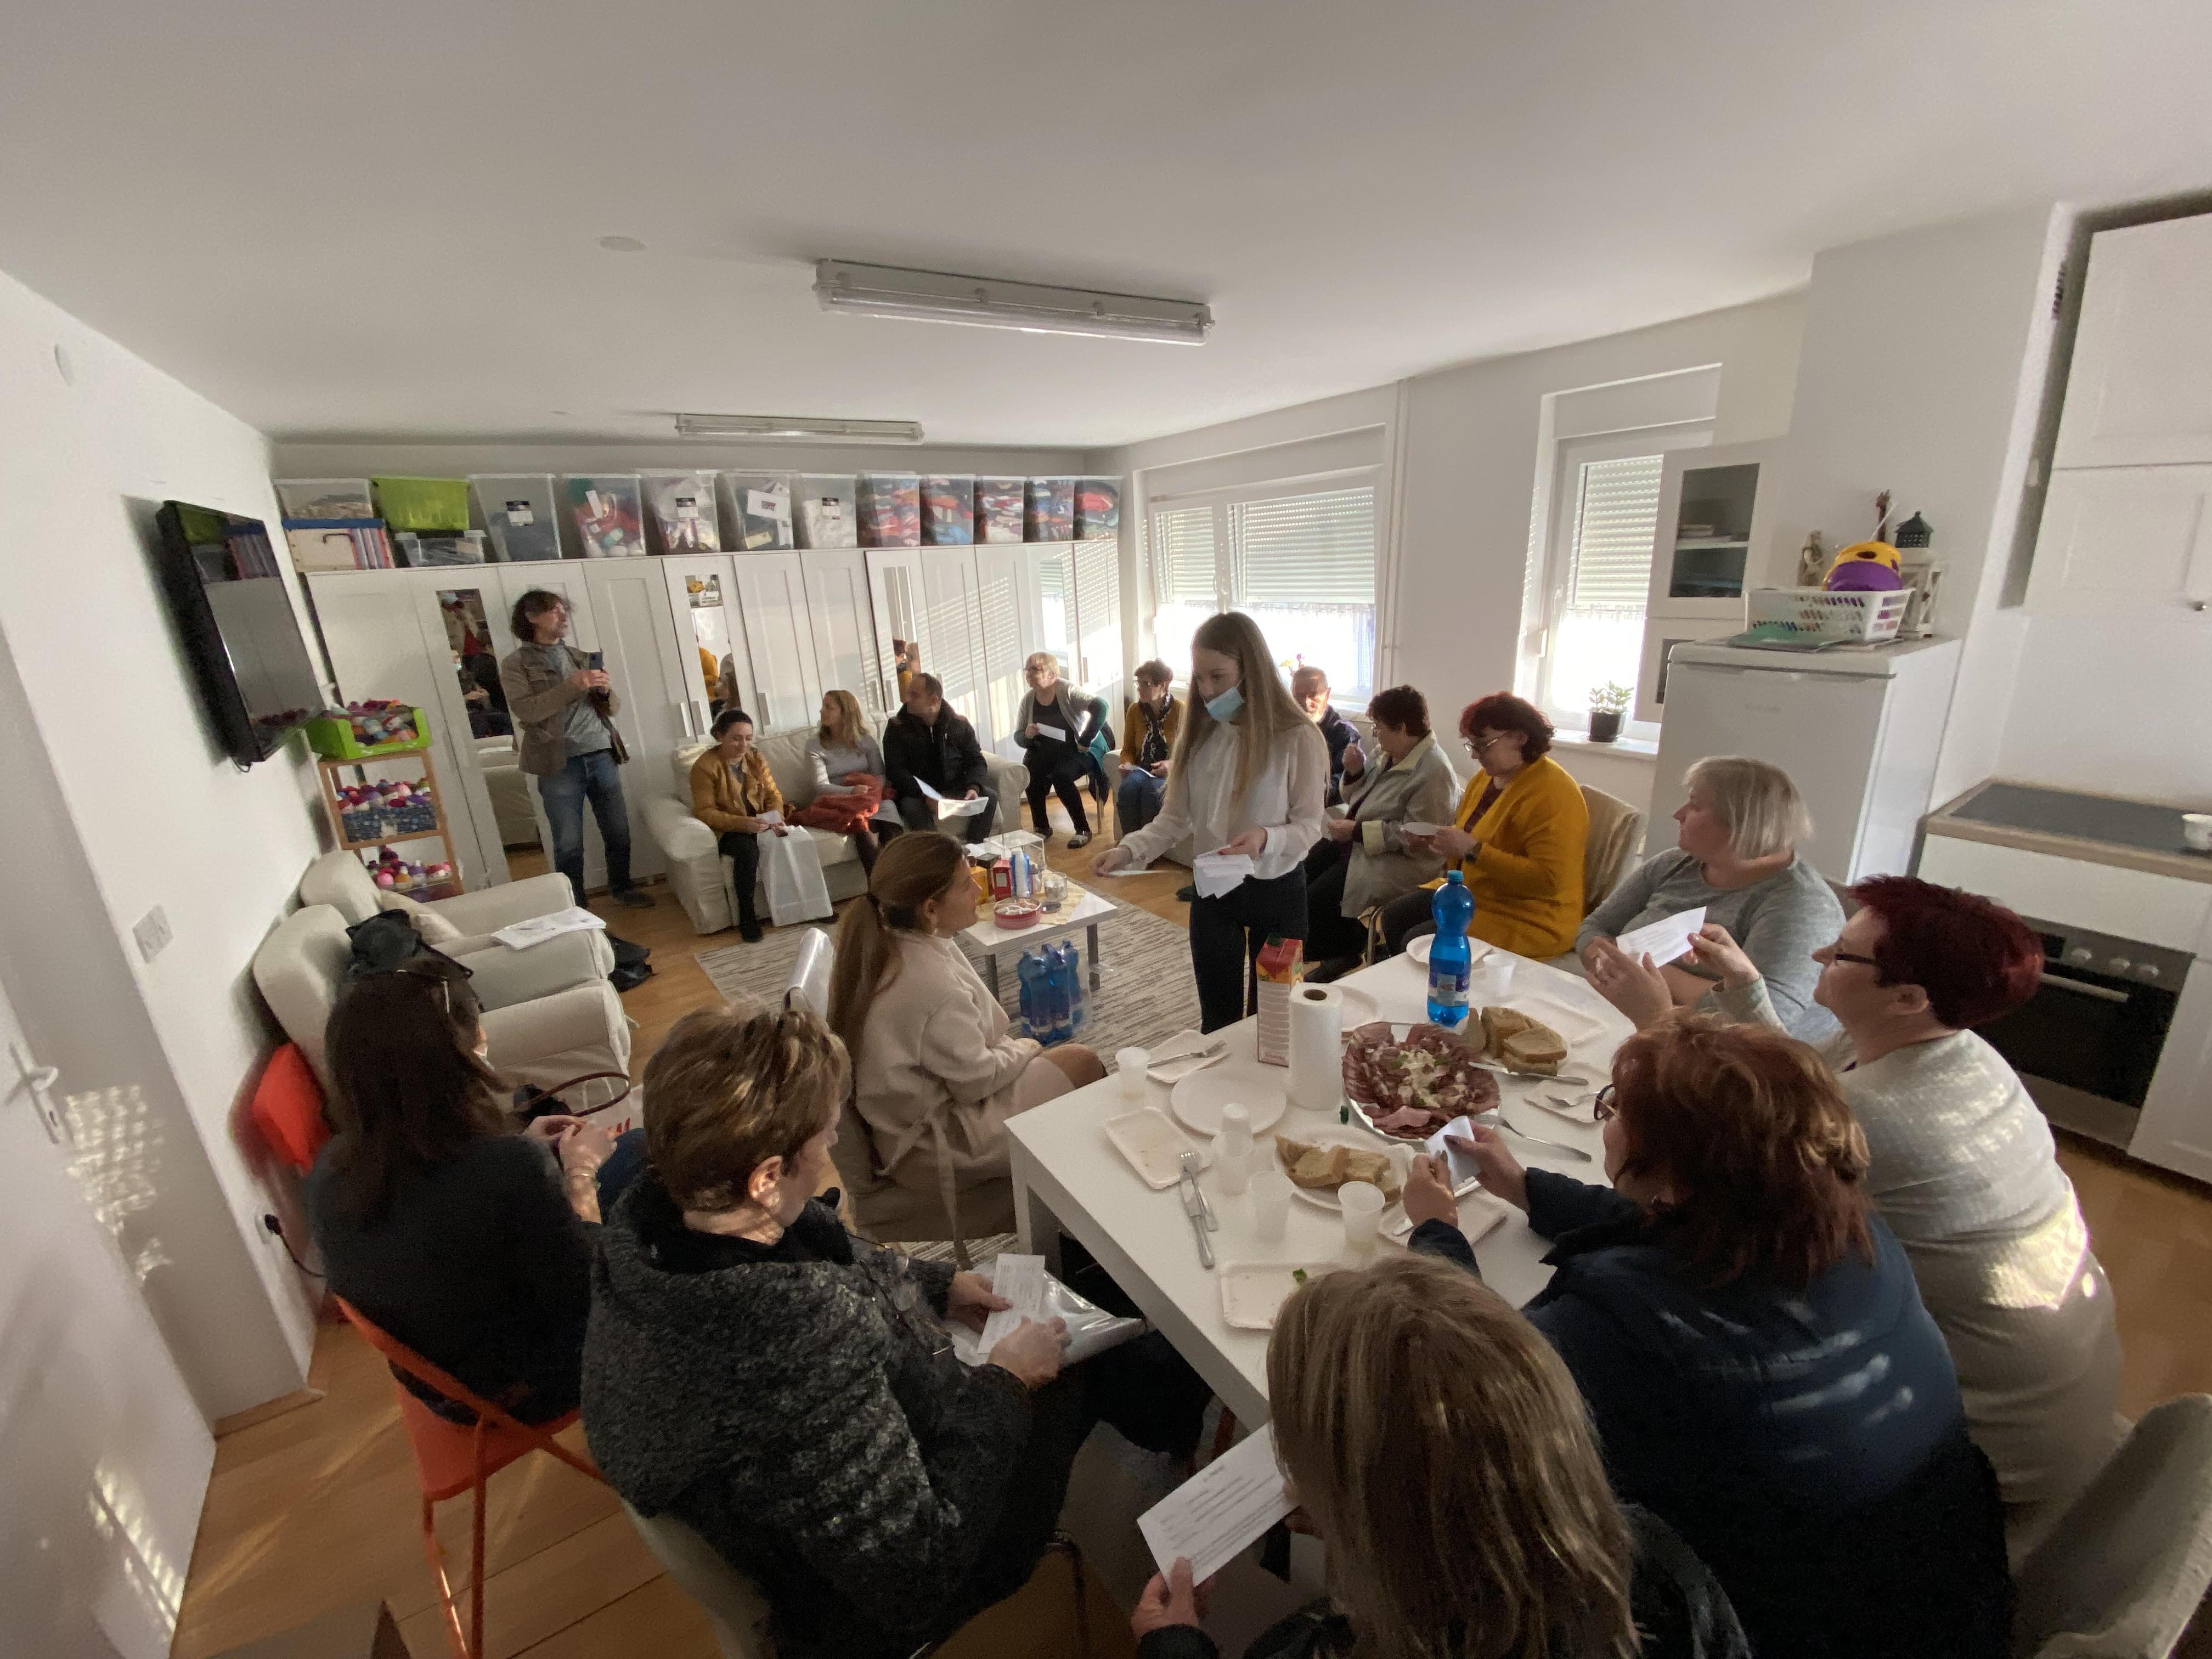 Okrugli stol i popratne aktivnosti s djecom i mladima u Međimurju